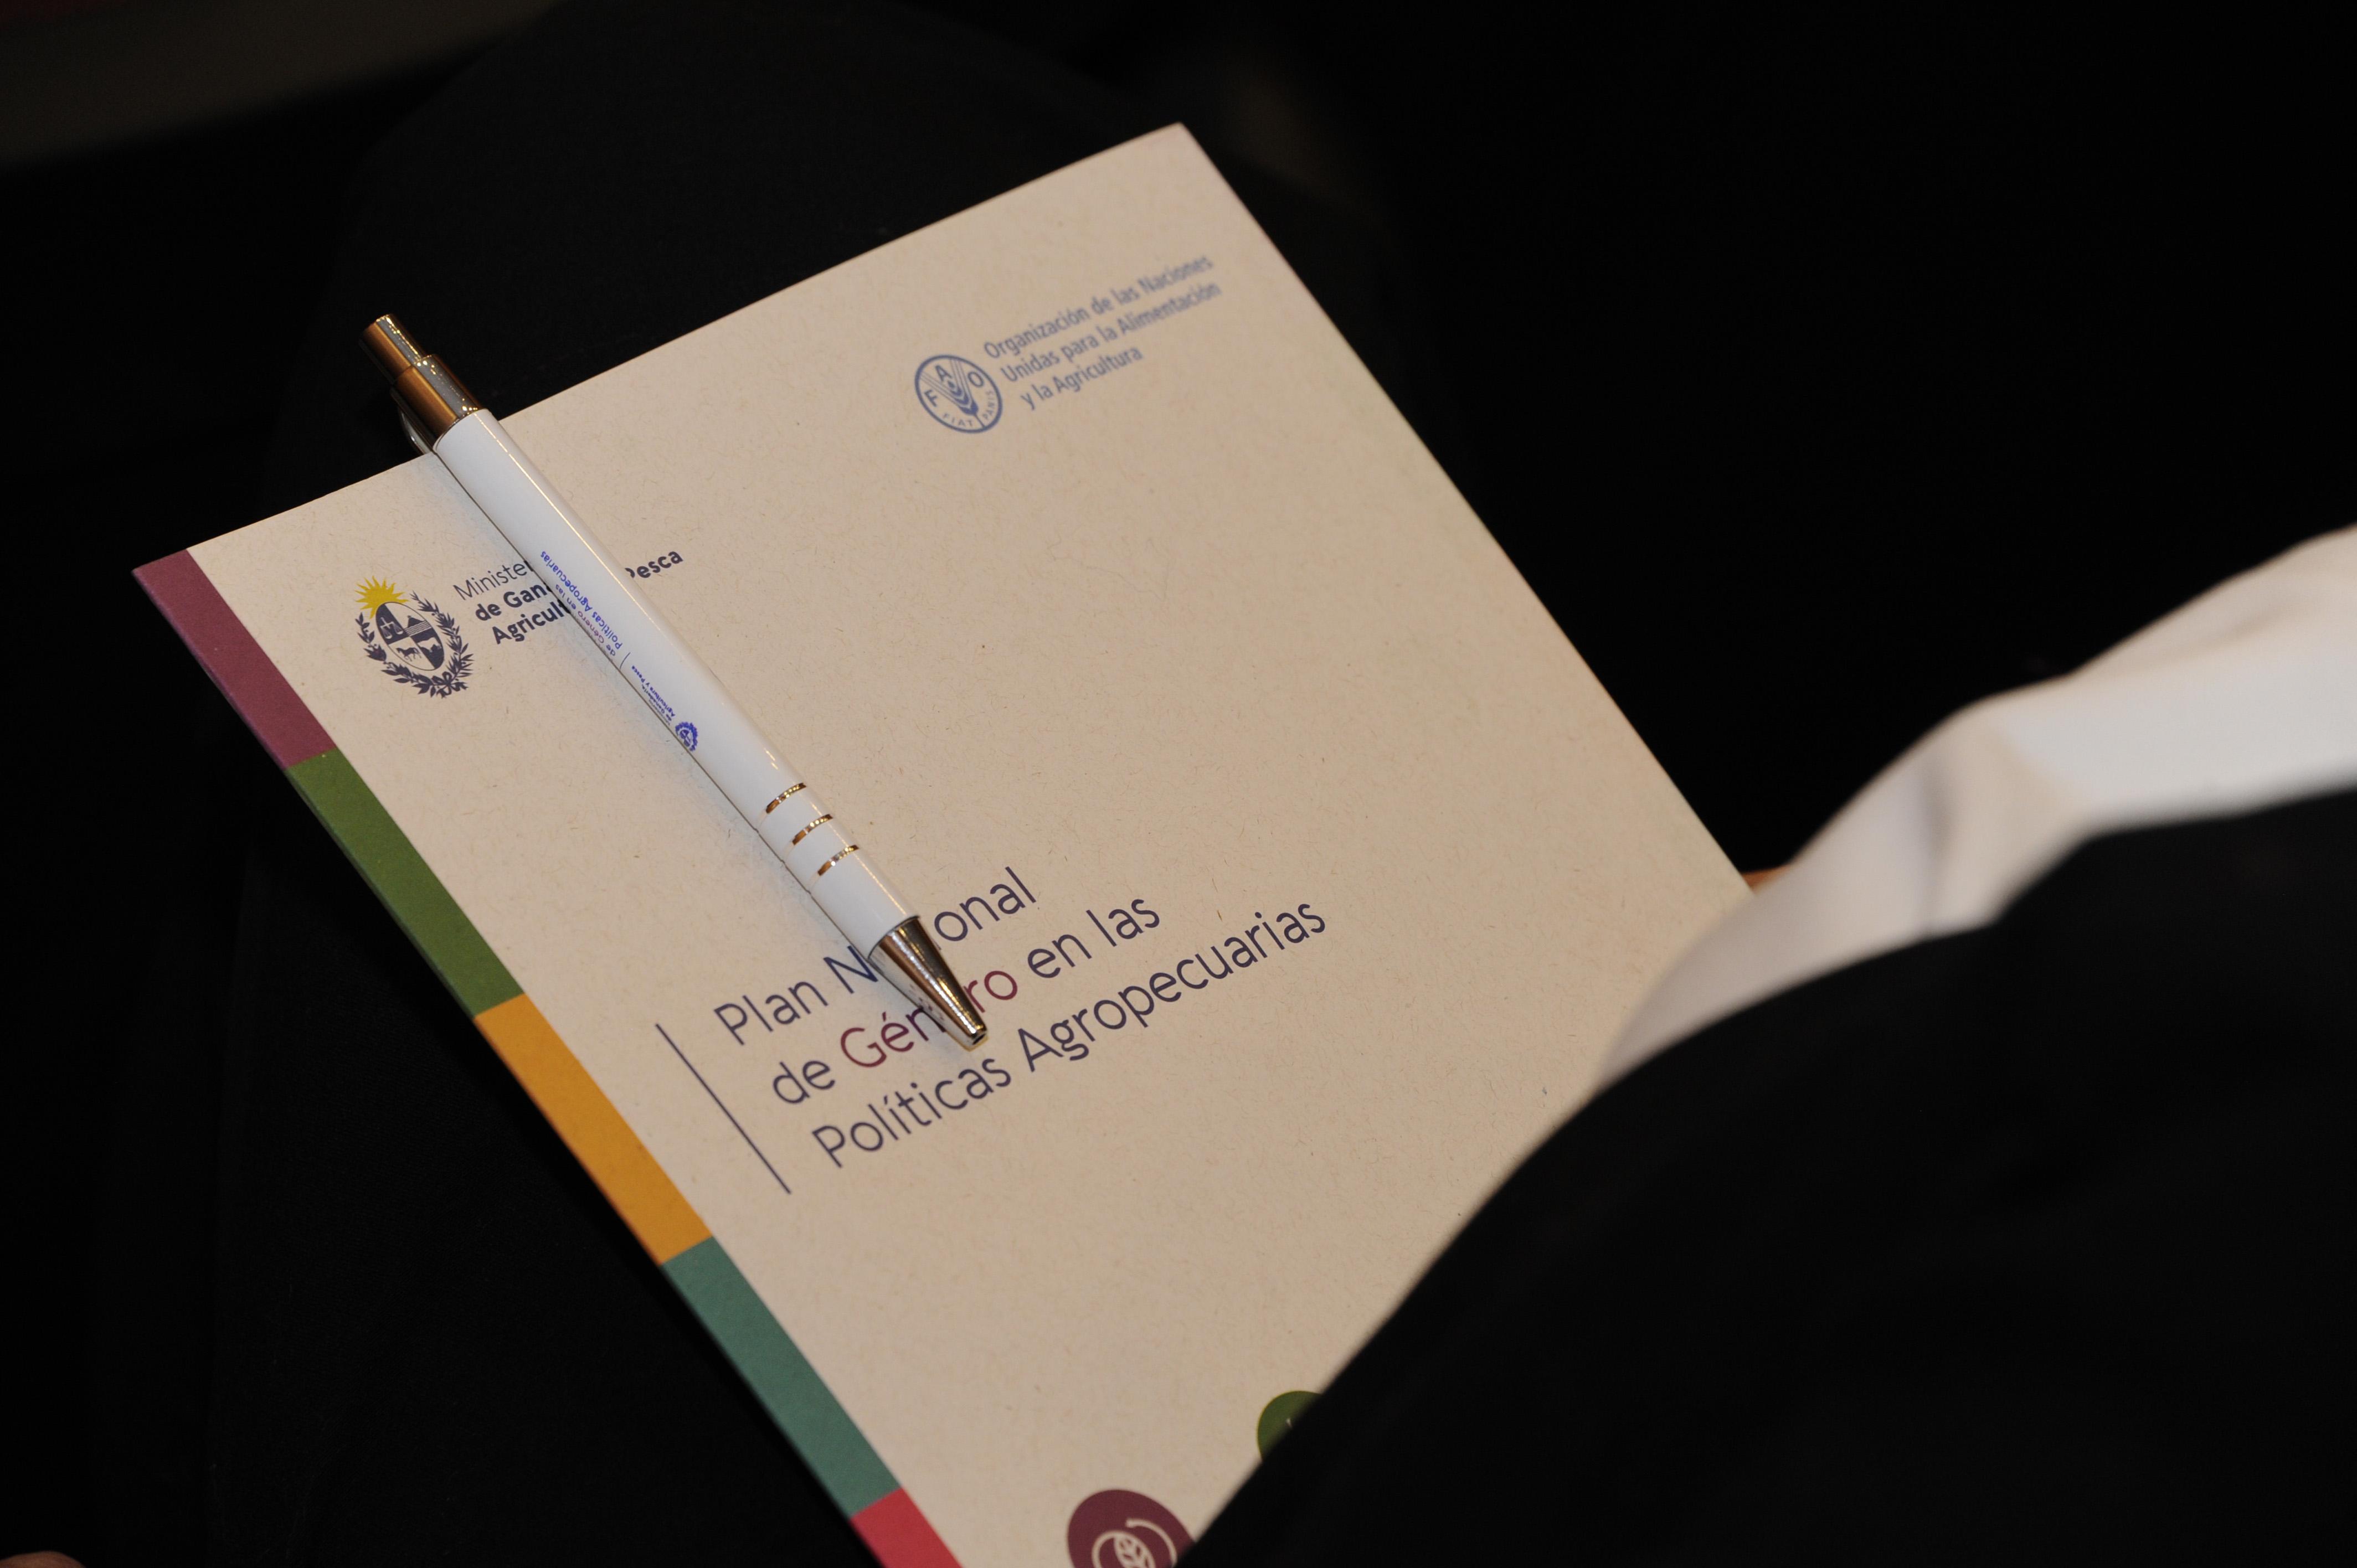 Lanzamiento del Plan Nacional de Género en las Políticas Agropecuarias